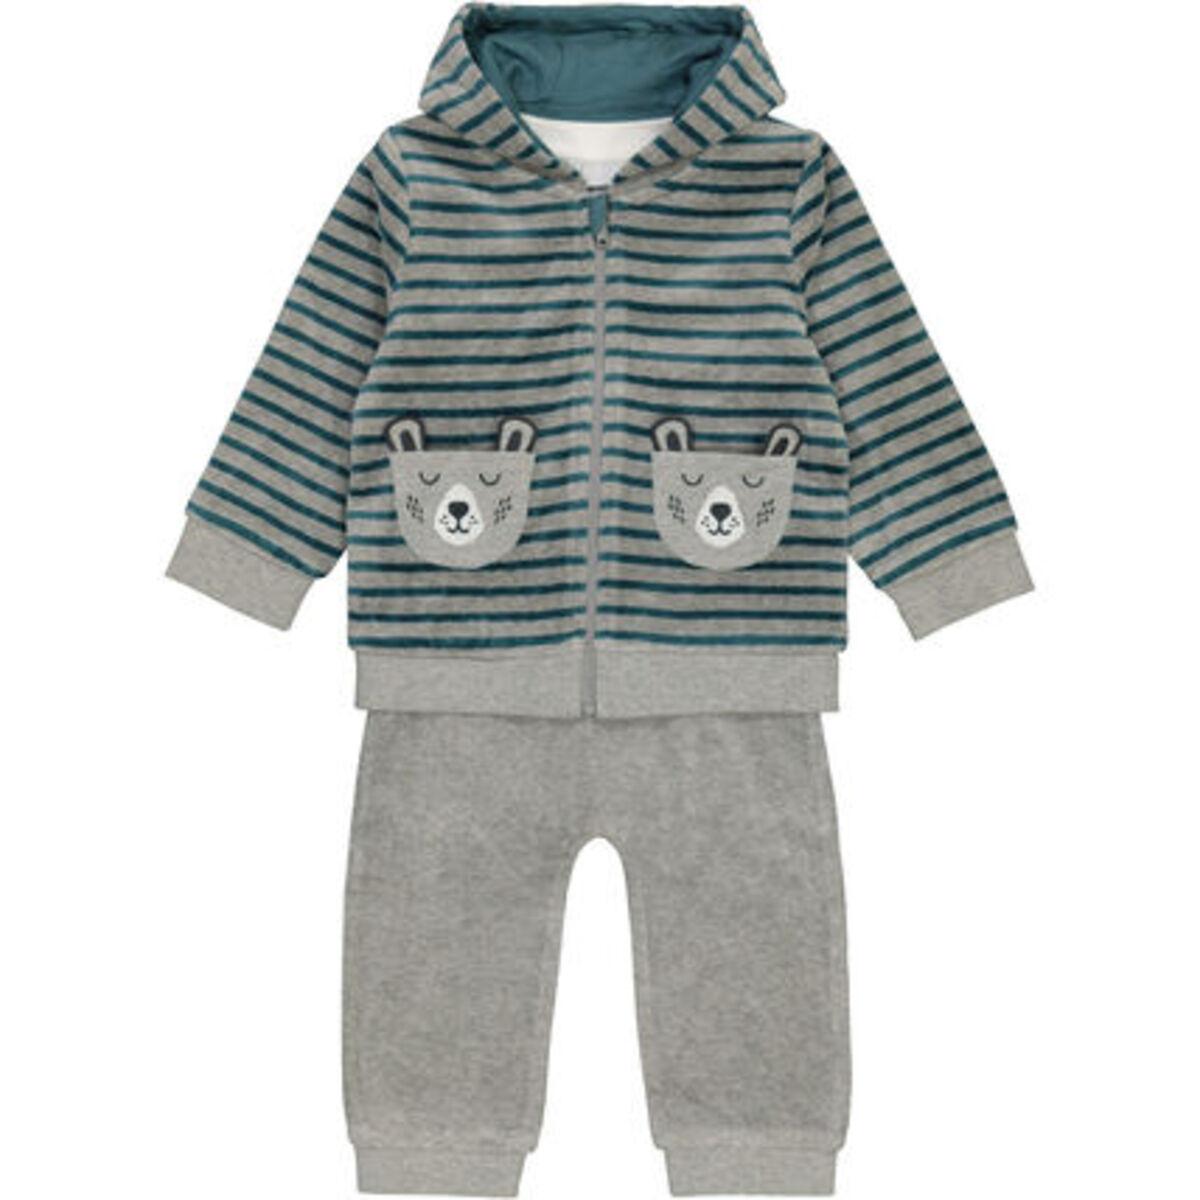 Bild 1 von MANGUUN Anzug-Set, 3-teilig, Nicki-Stoff, für Baby Jungen